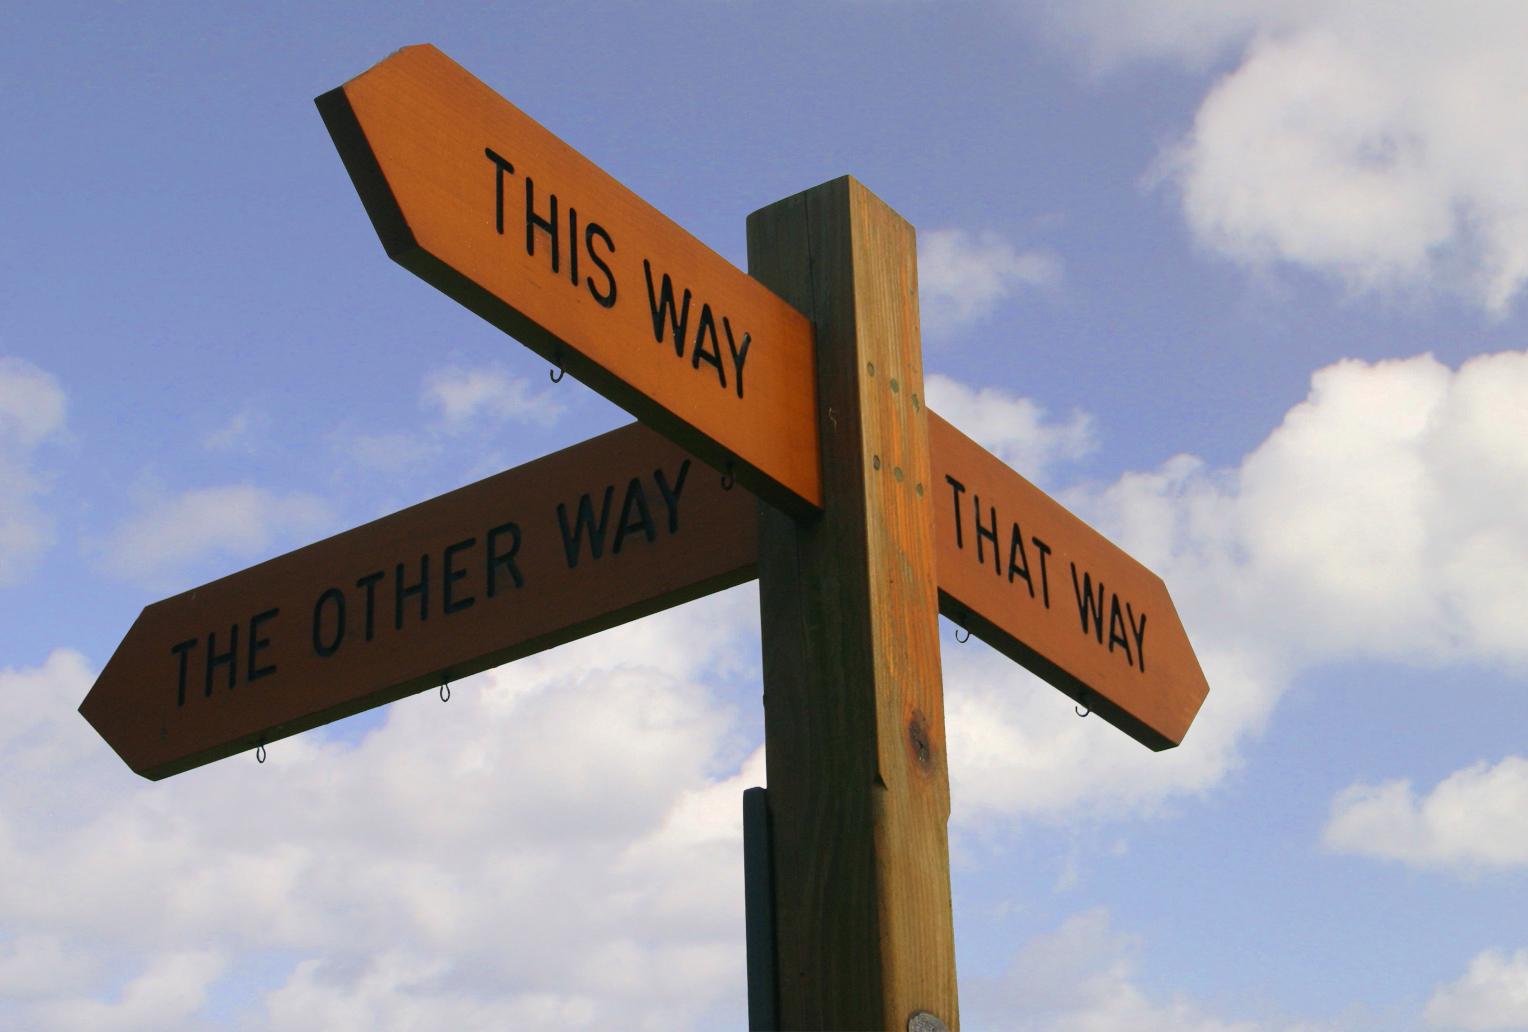 Navigation signage